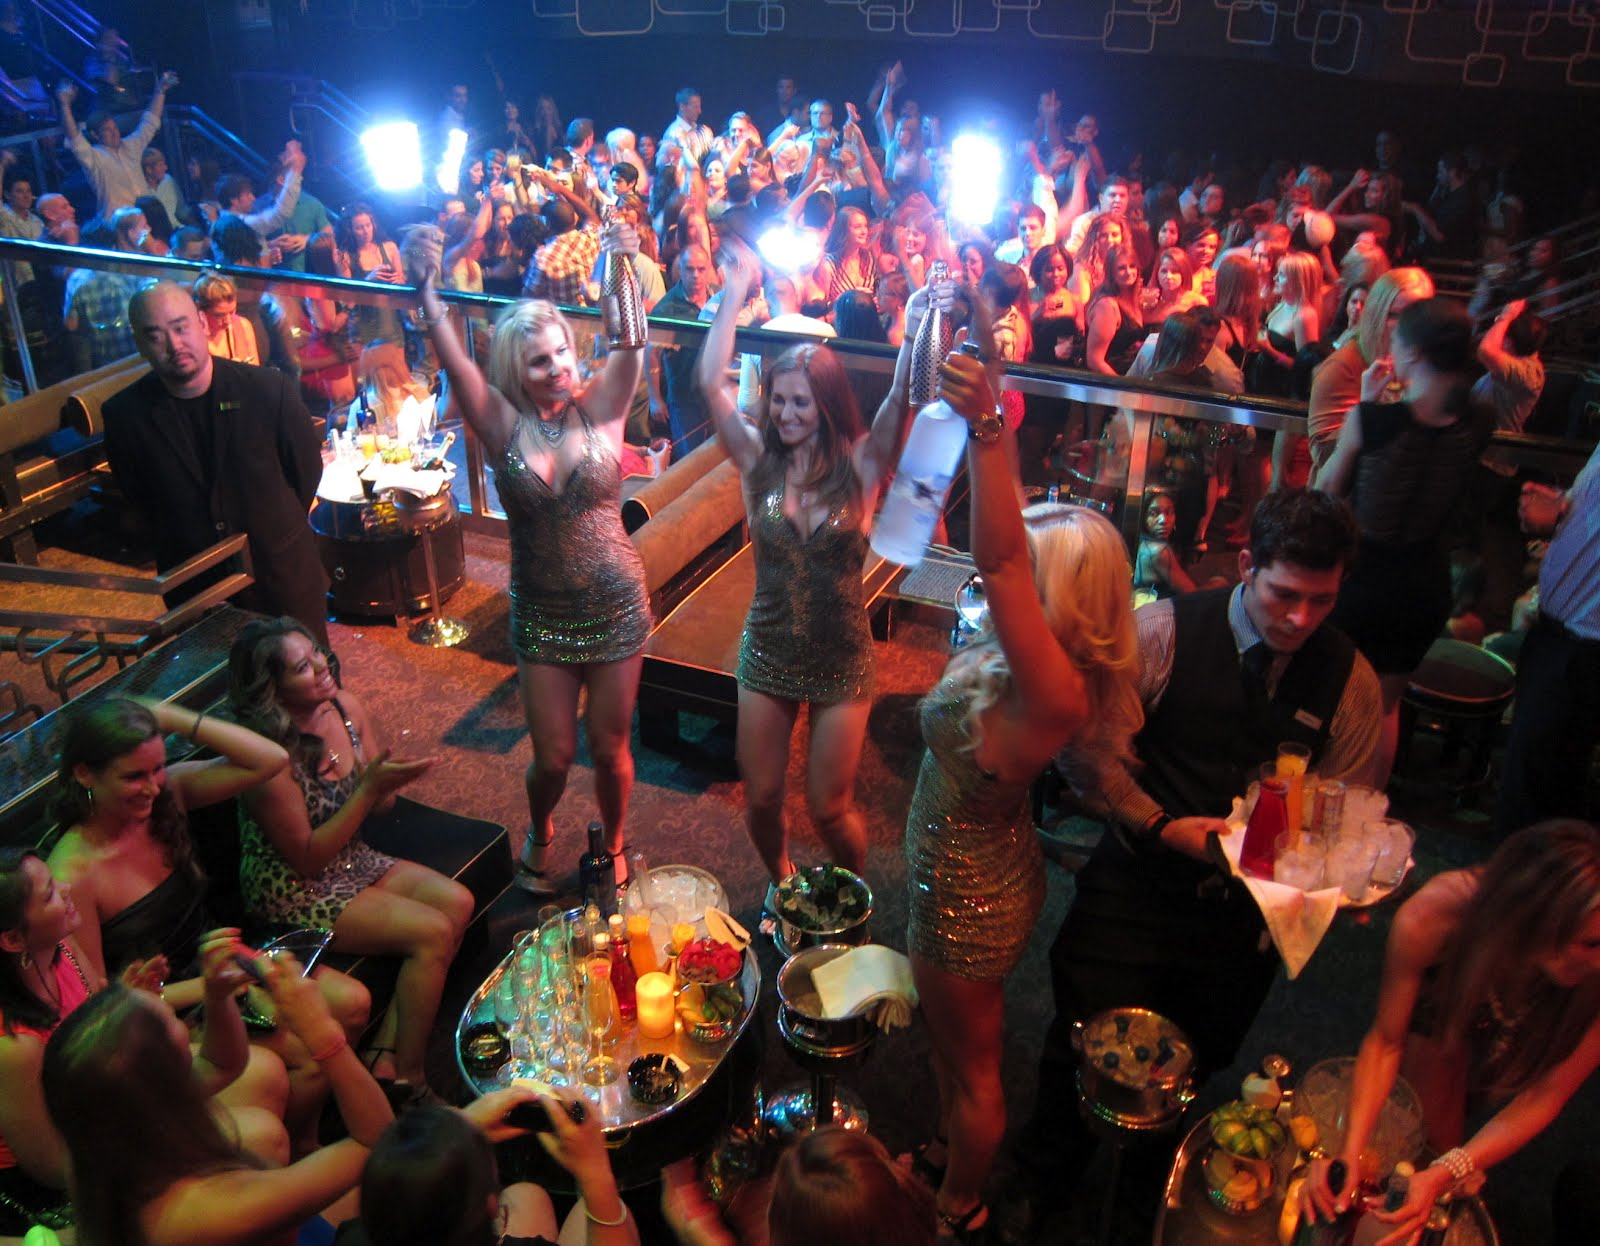 Проститутки в лас вегасе 7 фотография